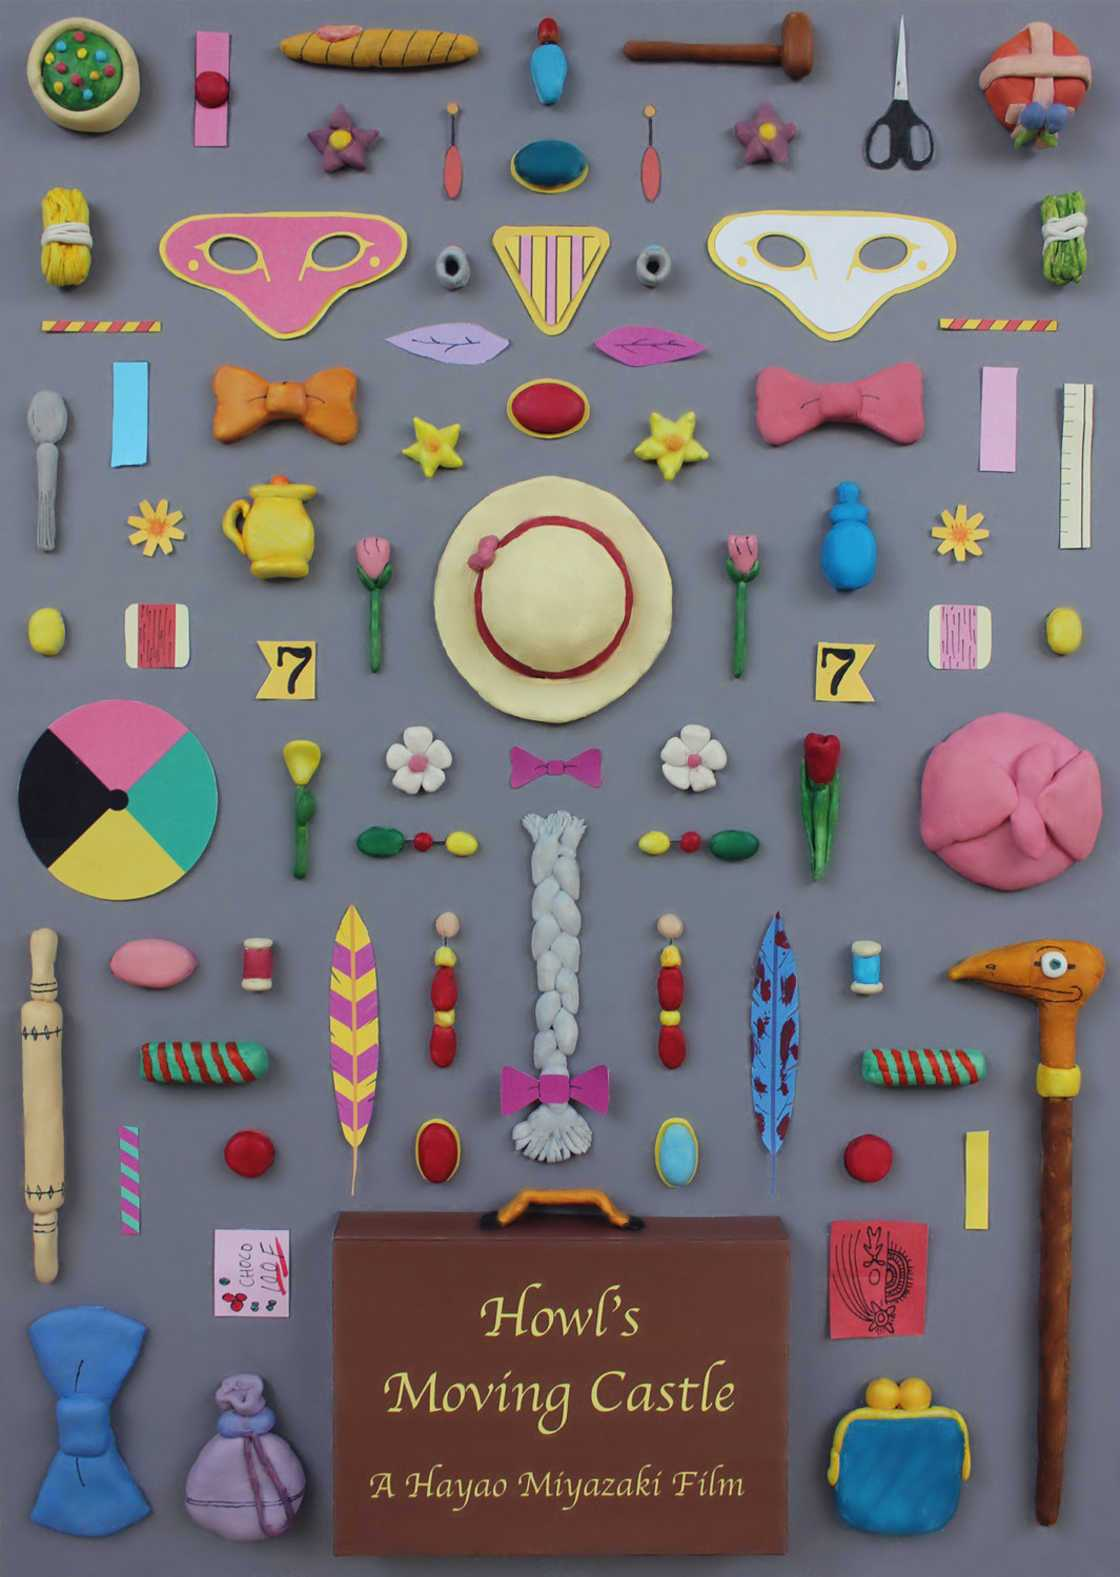 Objetos iconicos dos filmes de Miyazaki foram reunidos em cartazes (8 pics)